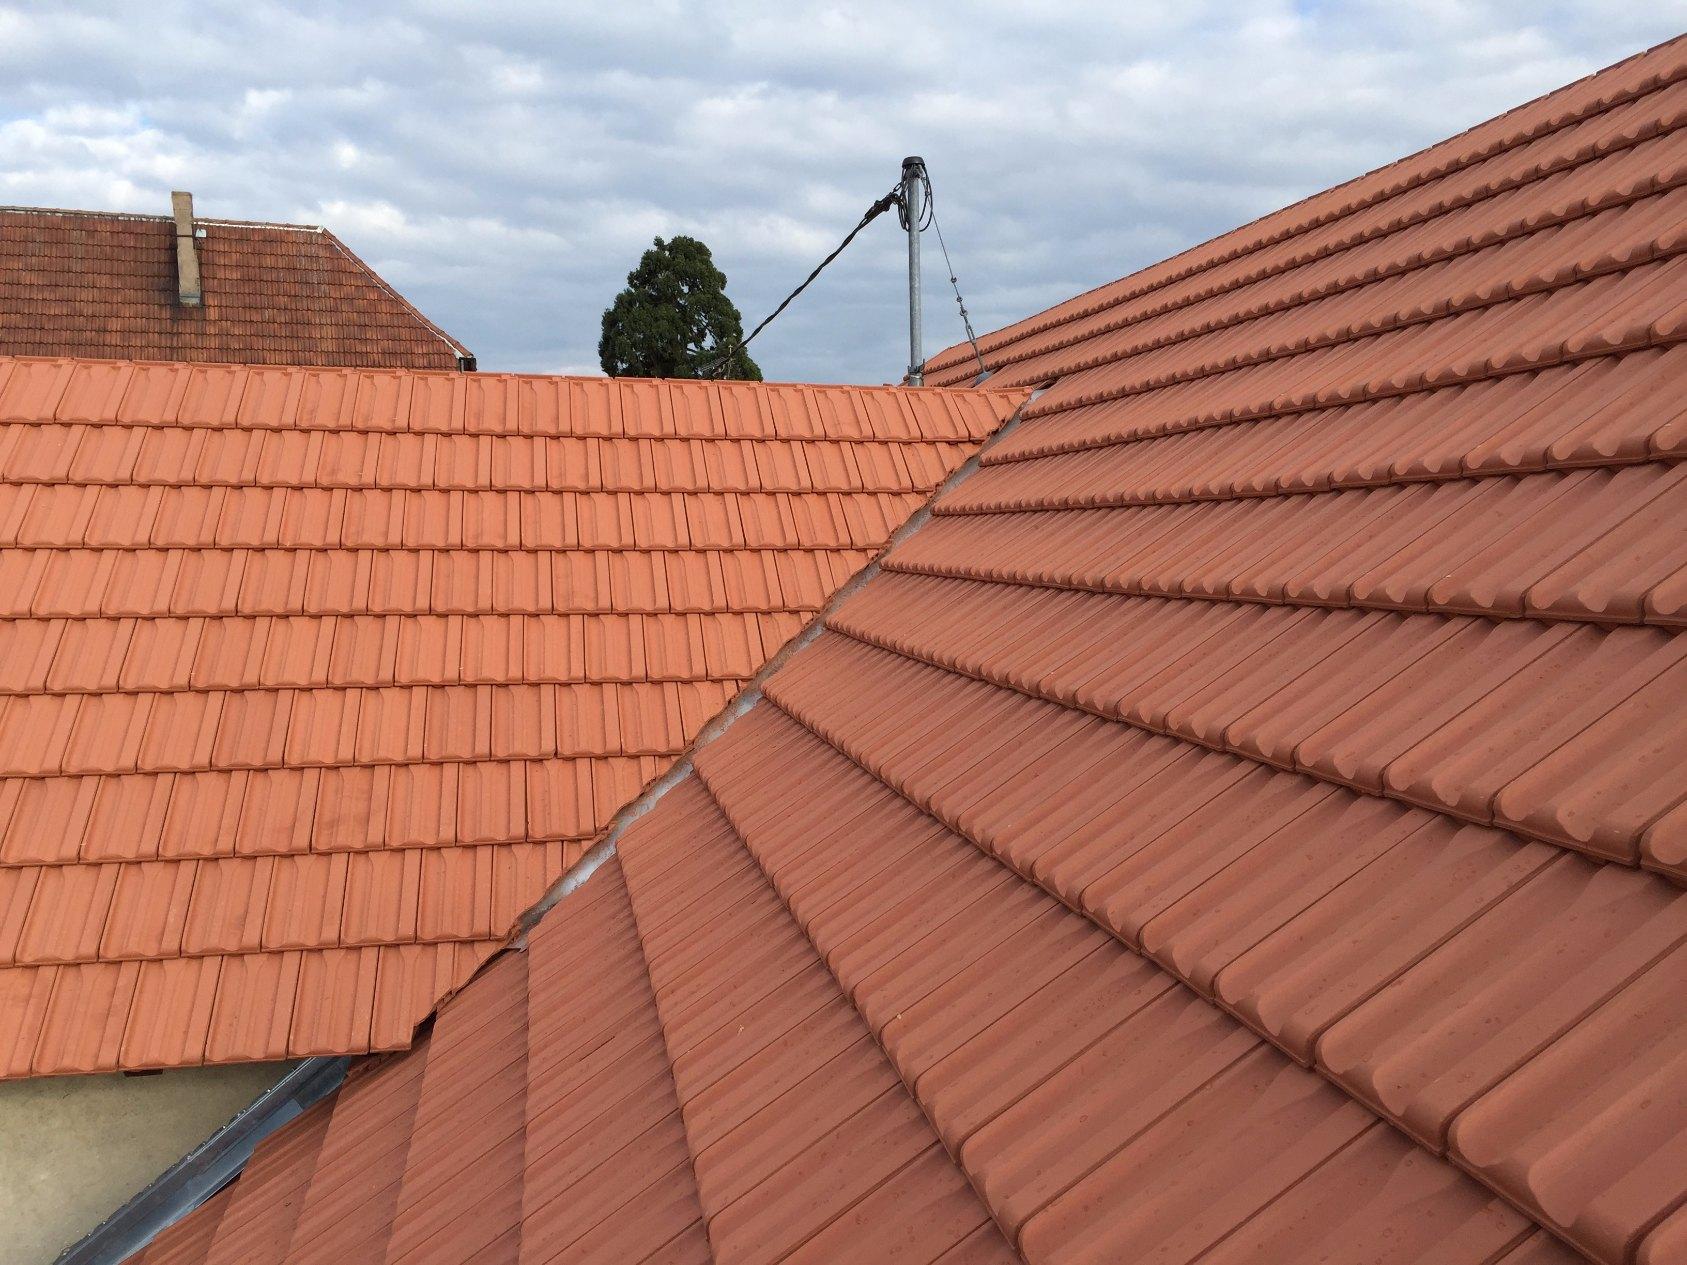 couverture torreilles toitures